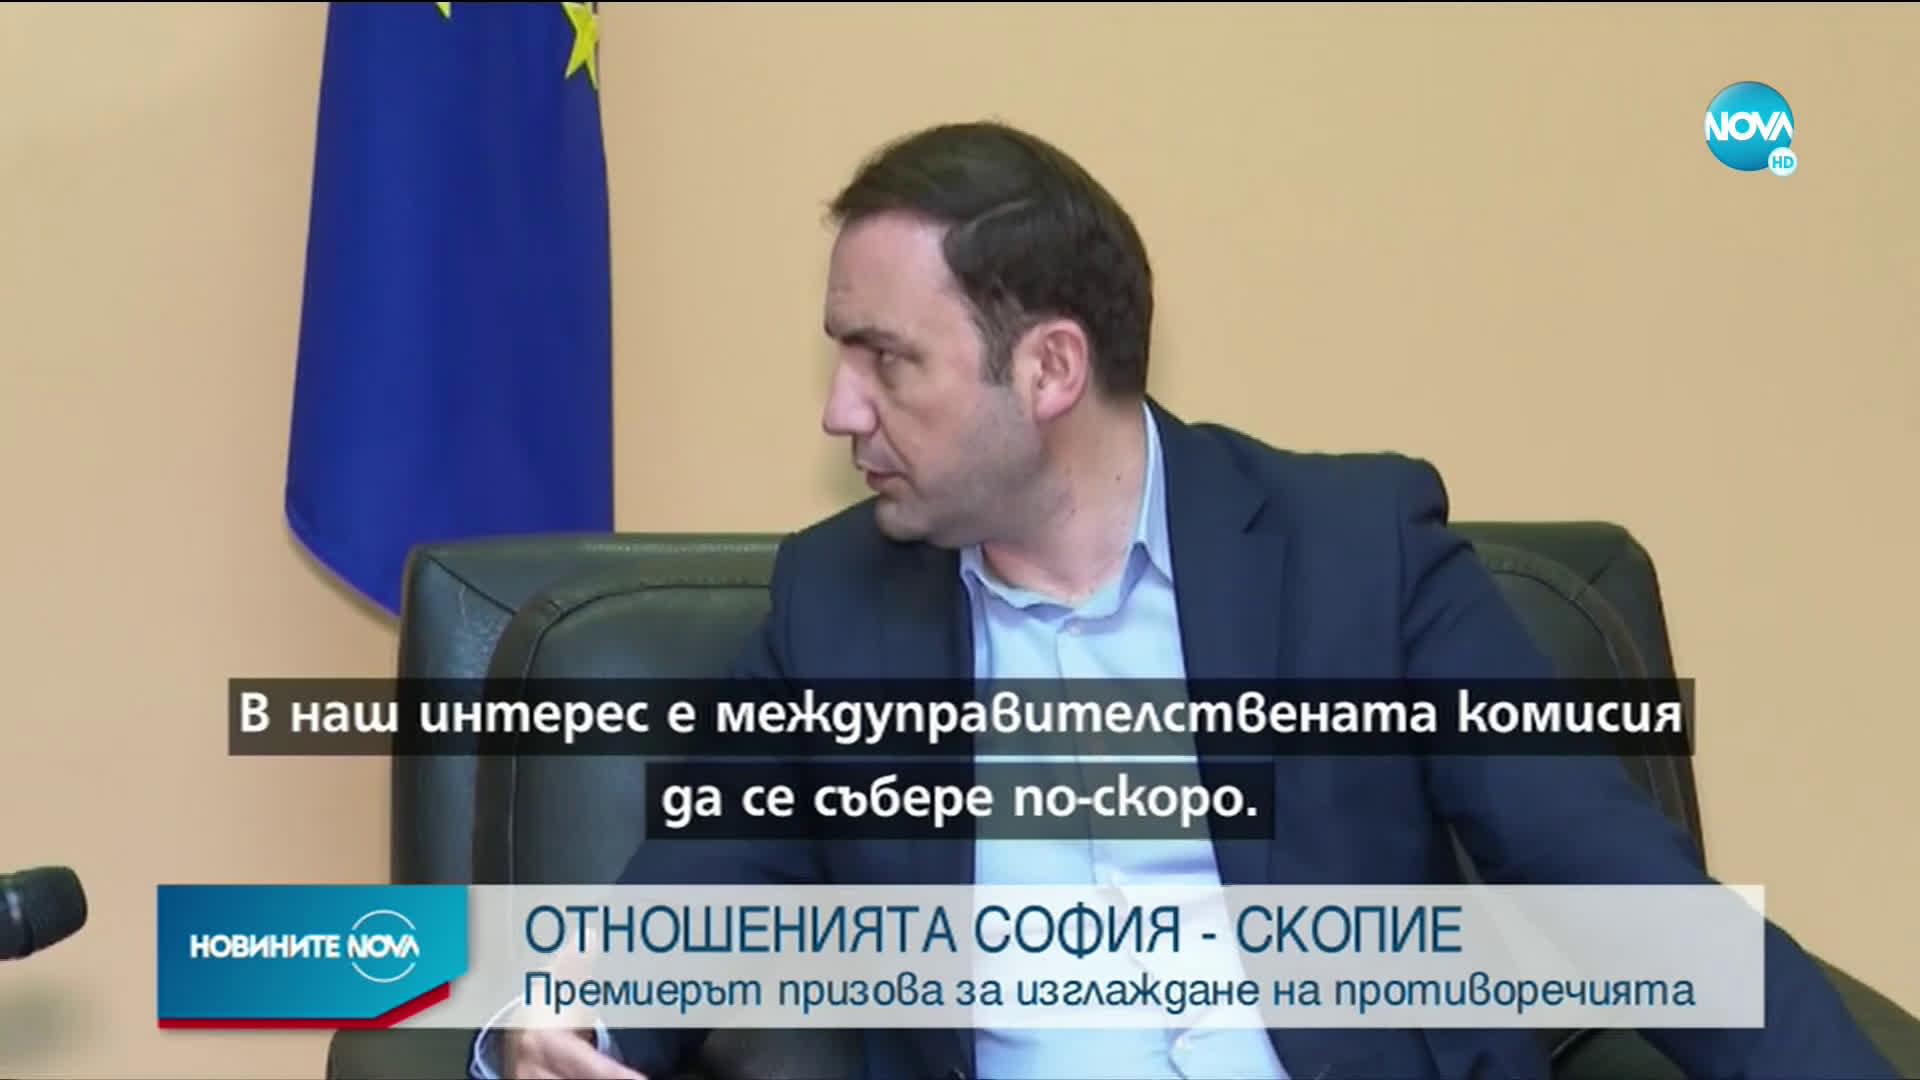 Всички противоречия между България и Република Северна Македония трябва да бъдат изгладени